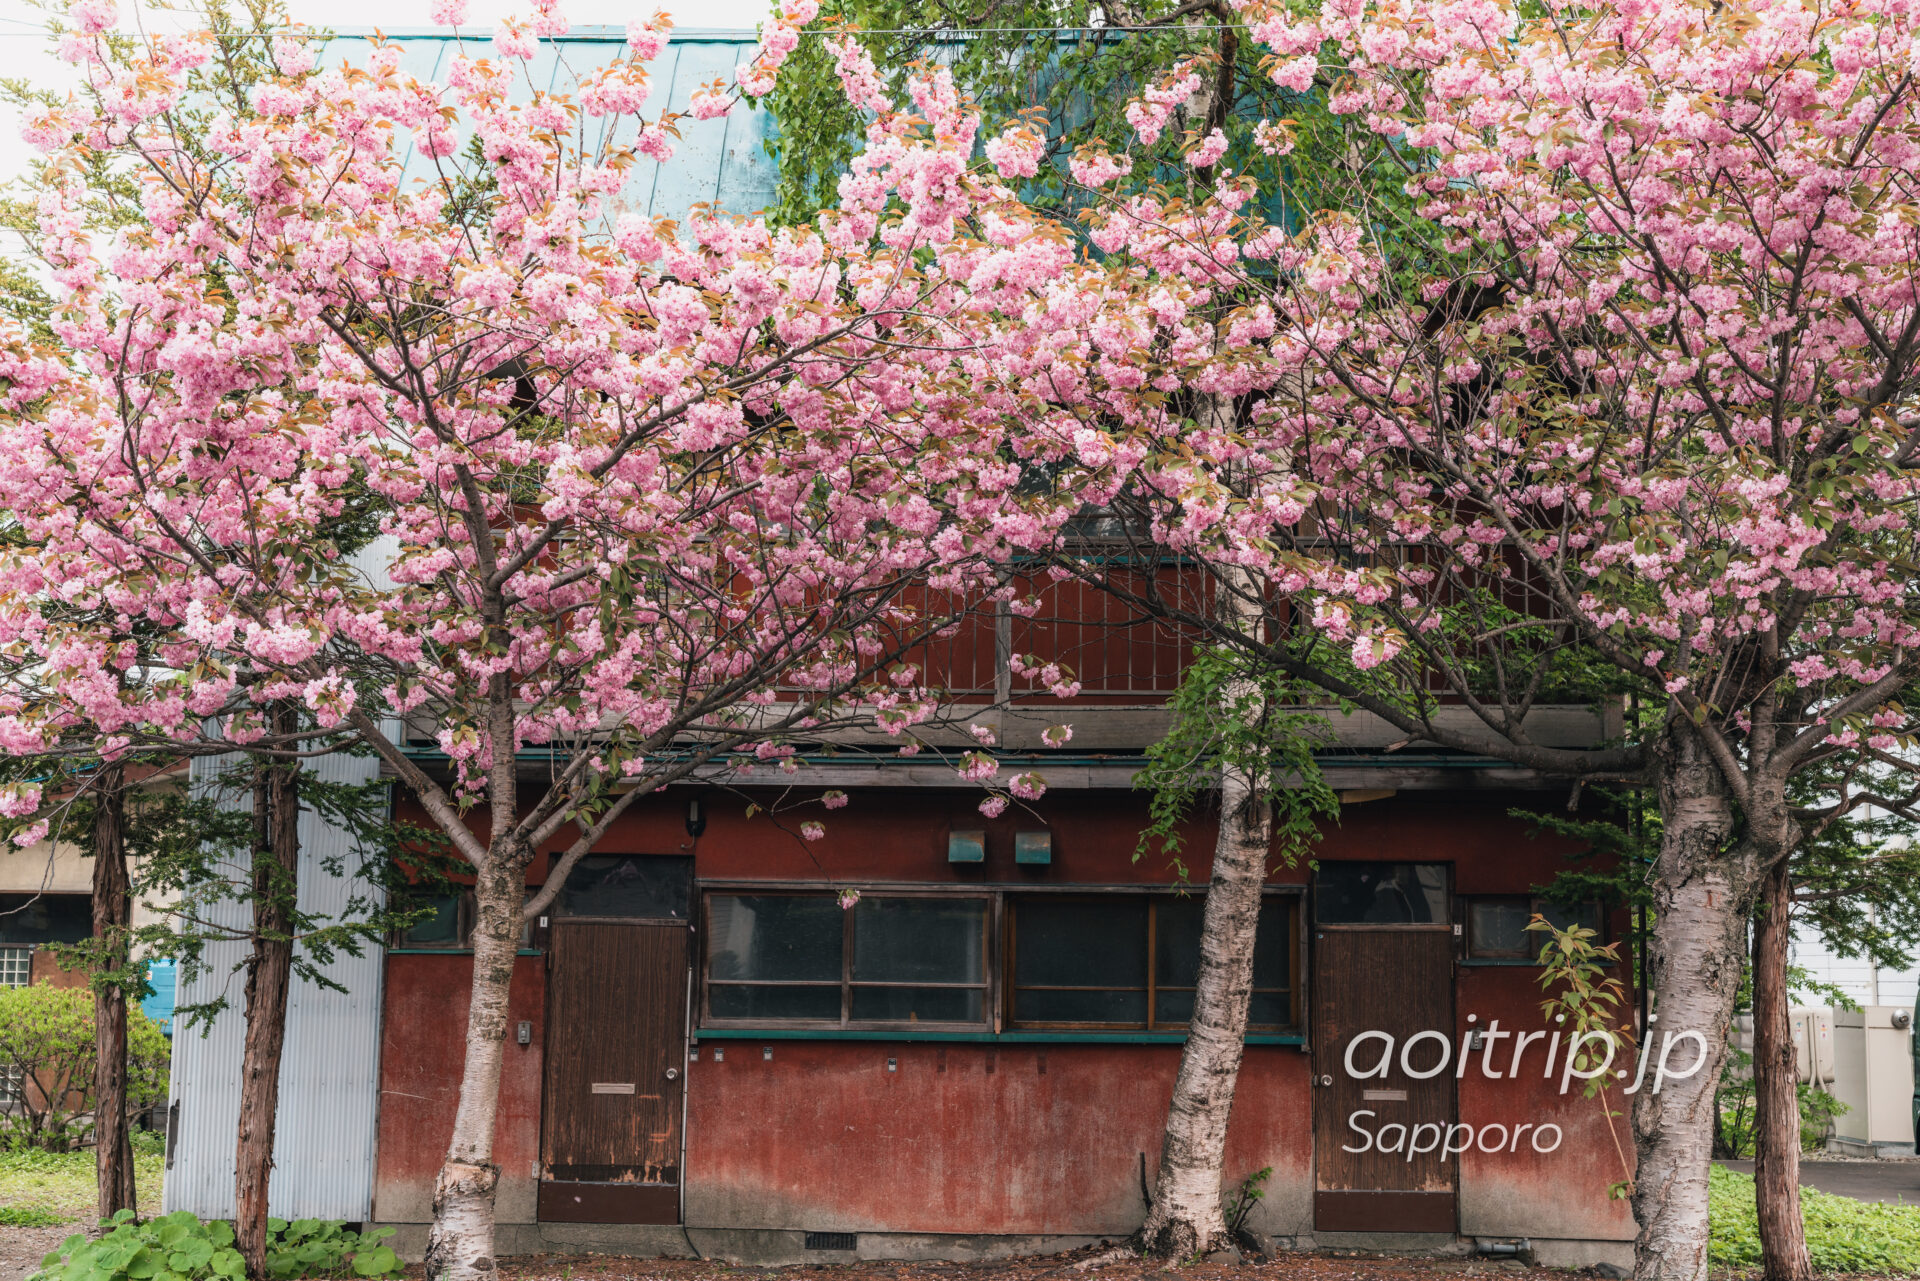 札幌 南4条線の八重桜並木 Double Cherry Blossoms